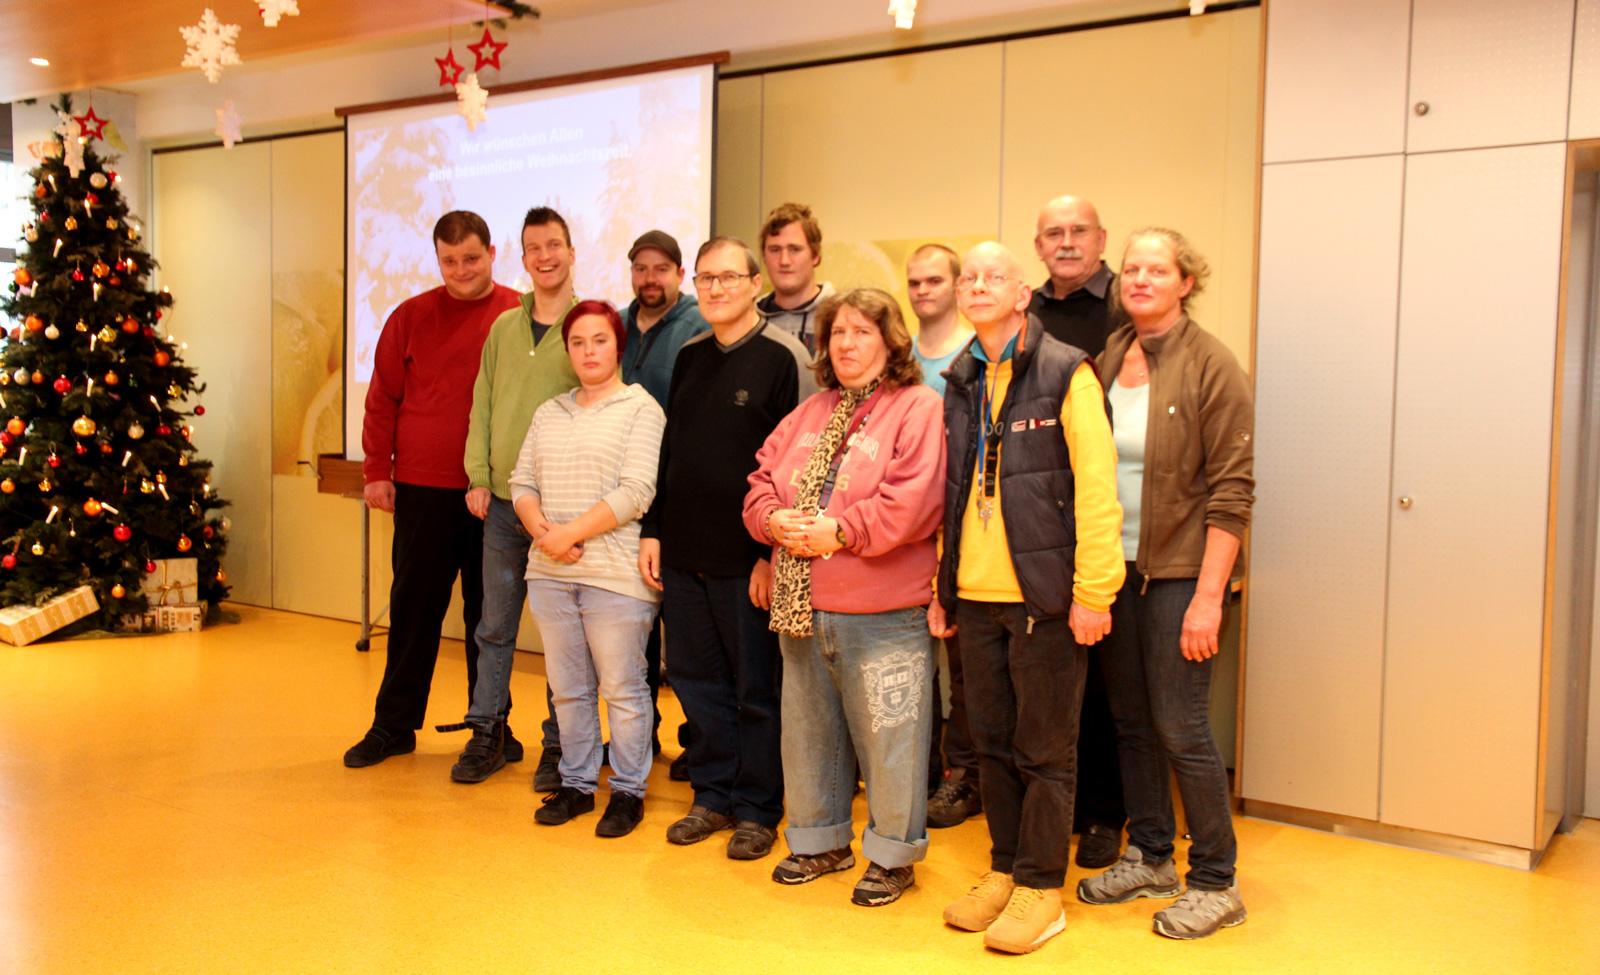 Freisprechungsfeier 2017: Absolventen des Berufsbildungsbereichs mit Werkstattleiter Hans-Manfred Wolf, Agnes Bäuerle und Werkstattrat Stefan Mancini.